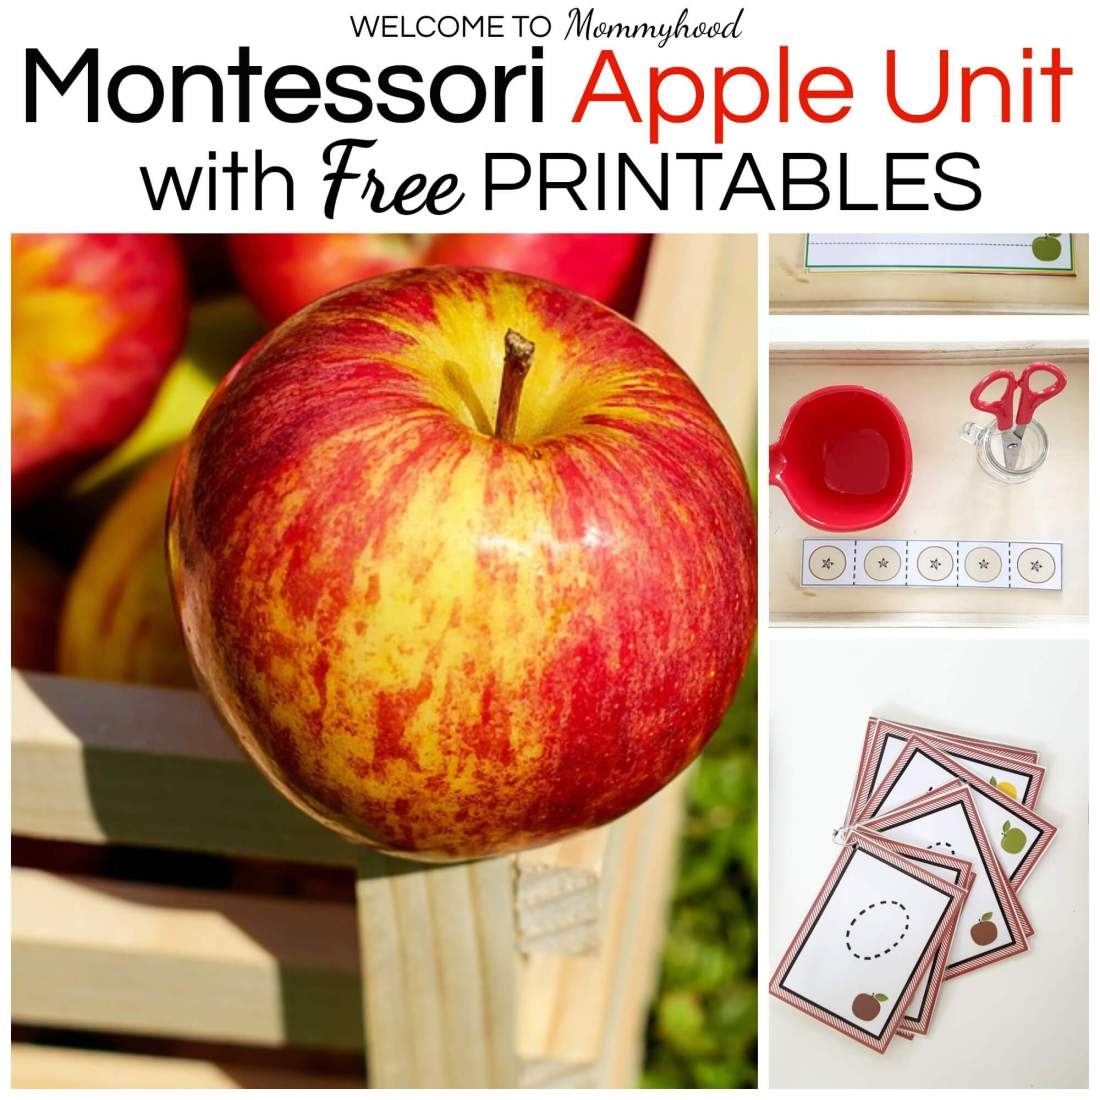 Montessori Apple Unit